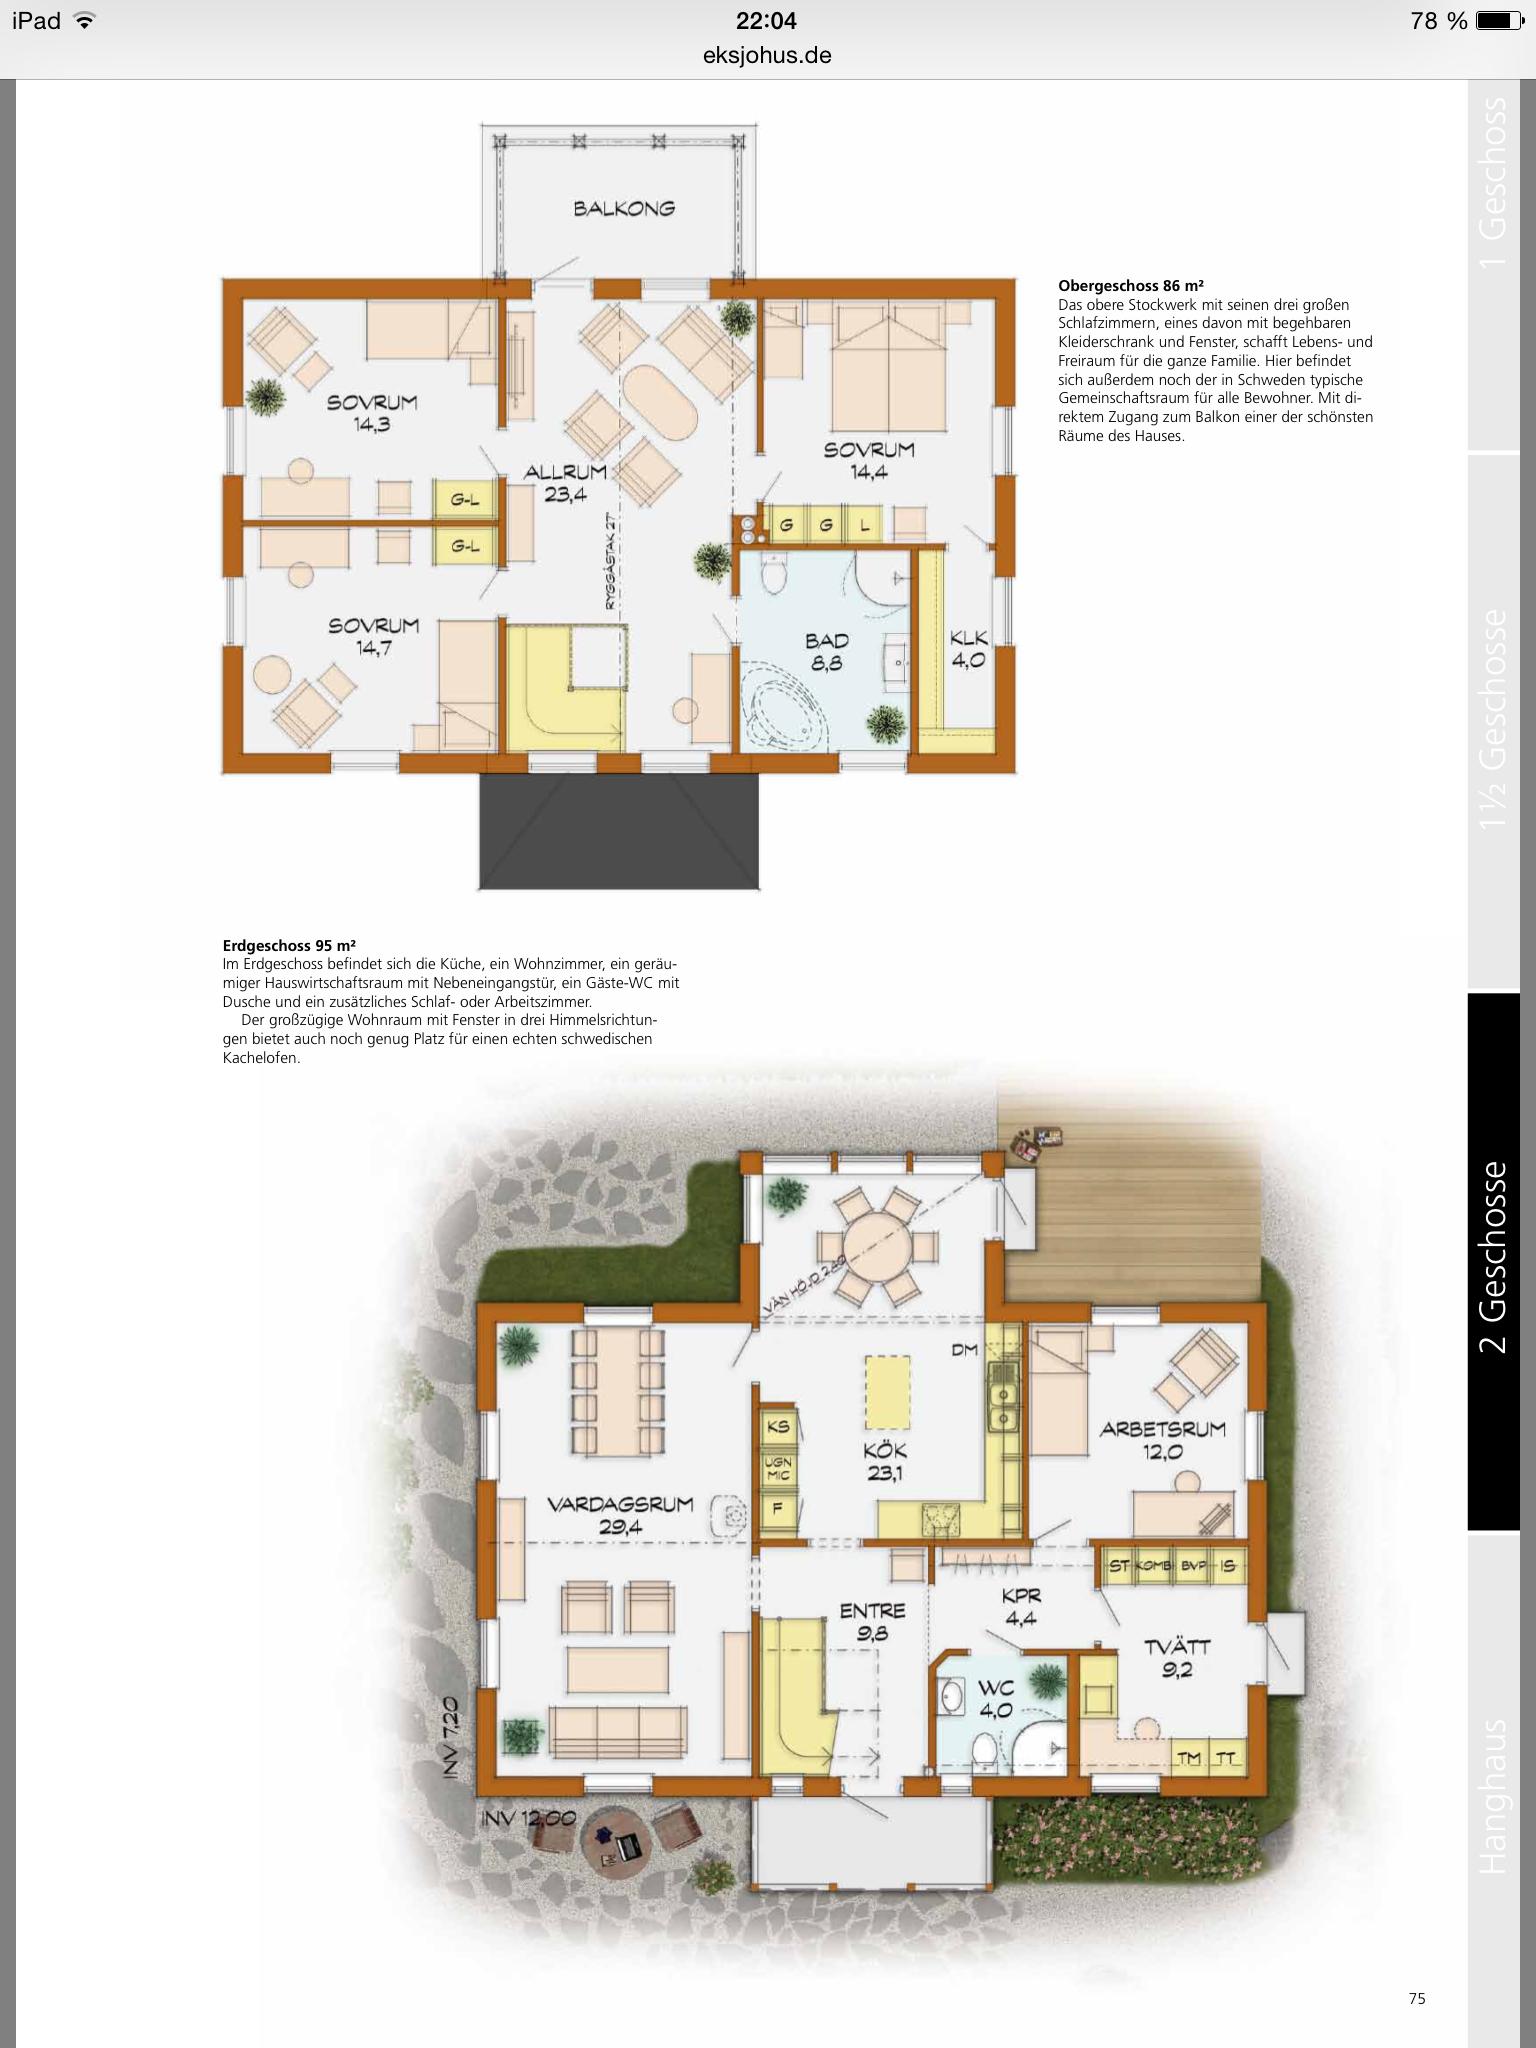 Mellangarden Eksjöhus Haus grundriss, Haus hanglage und